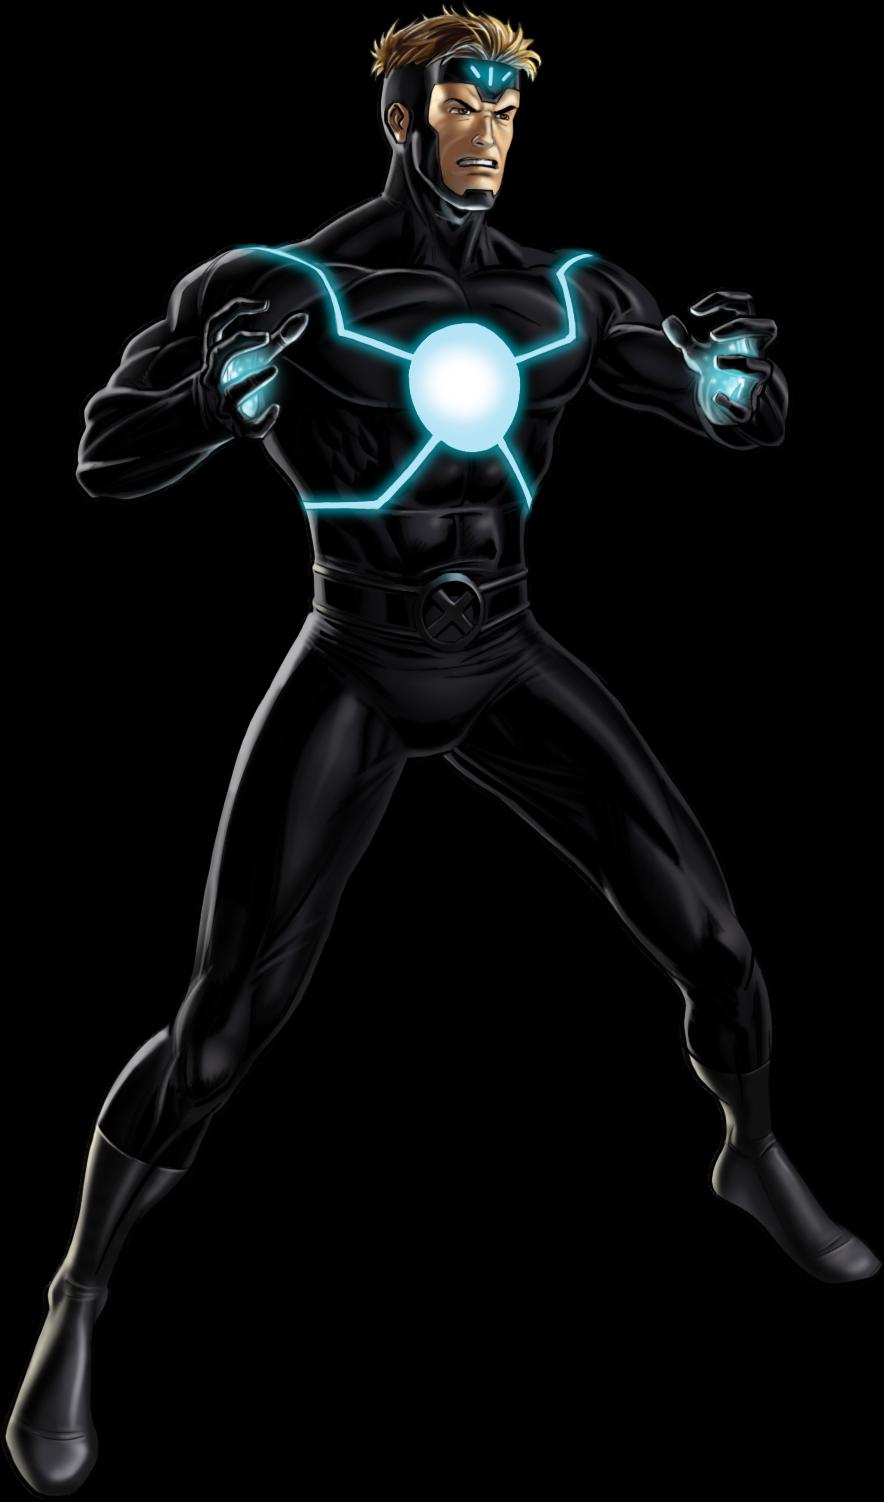 Image Havok Portrait Art Png Marvel Avengers Alliance